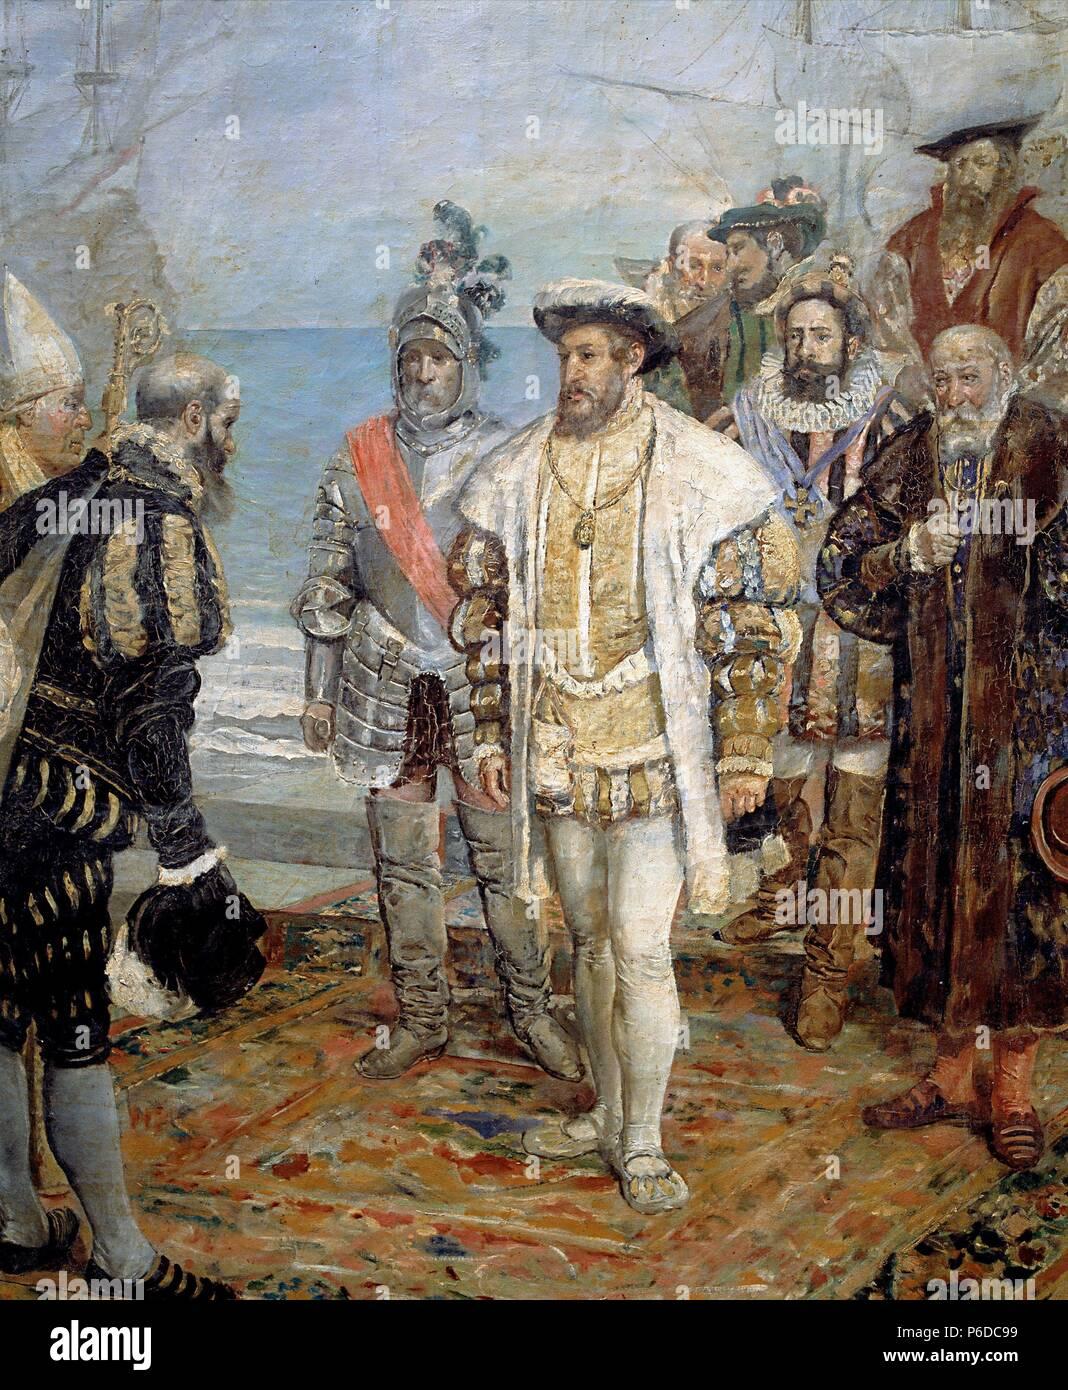 Francisco I Rey De Francia 1494 1547 Desembarco De Francisco I En El Puerto De Valencia Detalle Oleo De Ignacio Pinazo Palacio De La Generalitat De Valencia Stock Photo Alamy